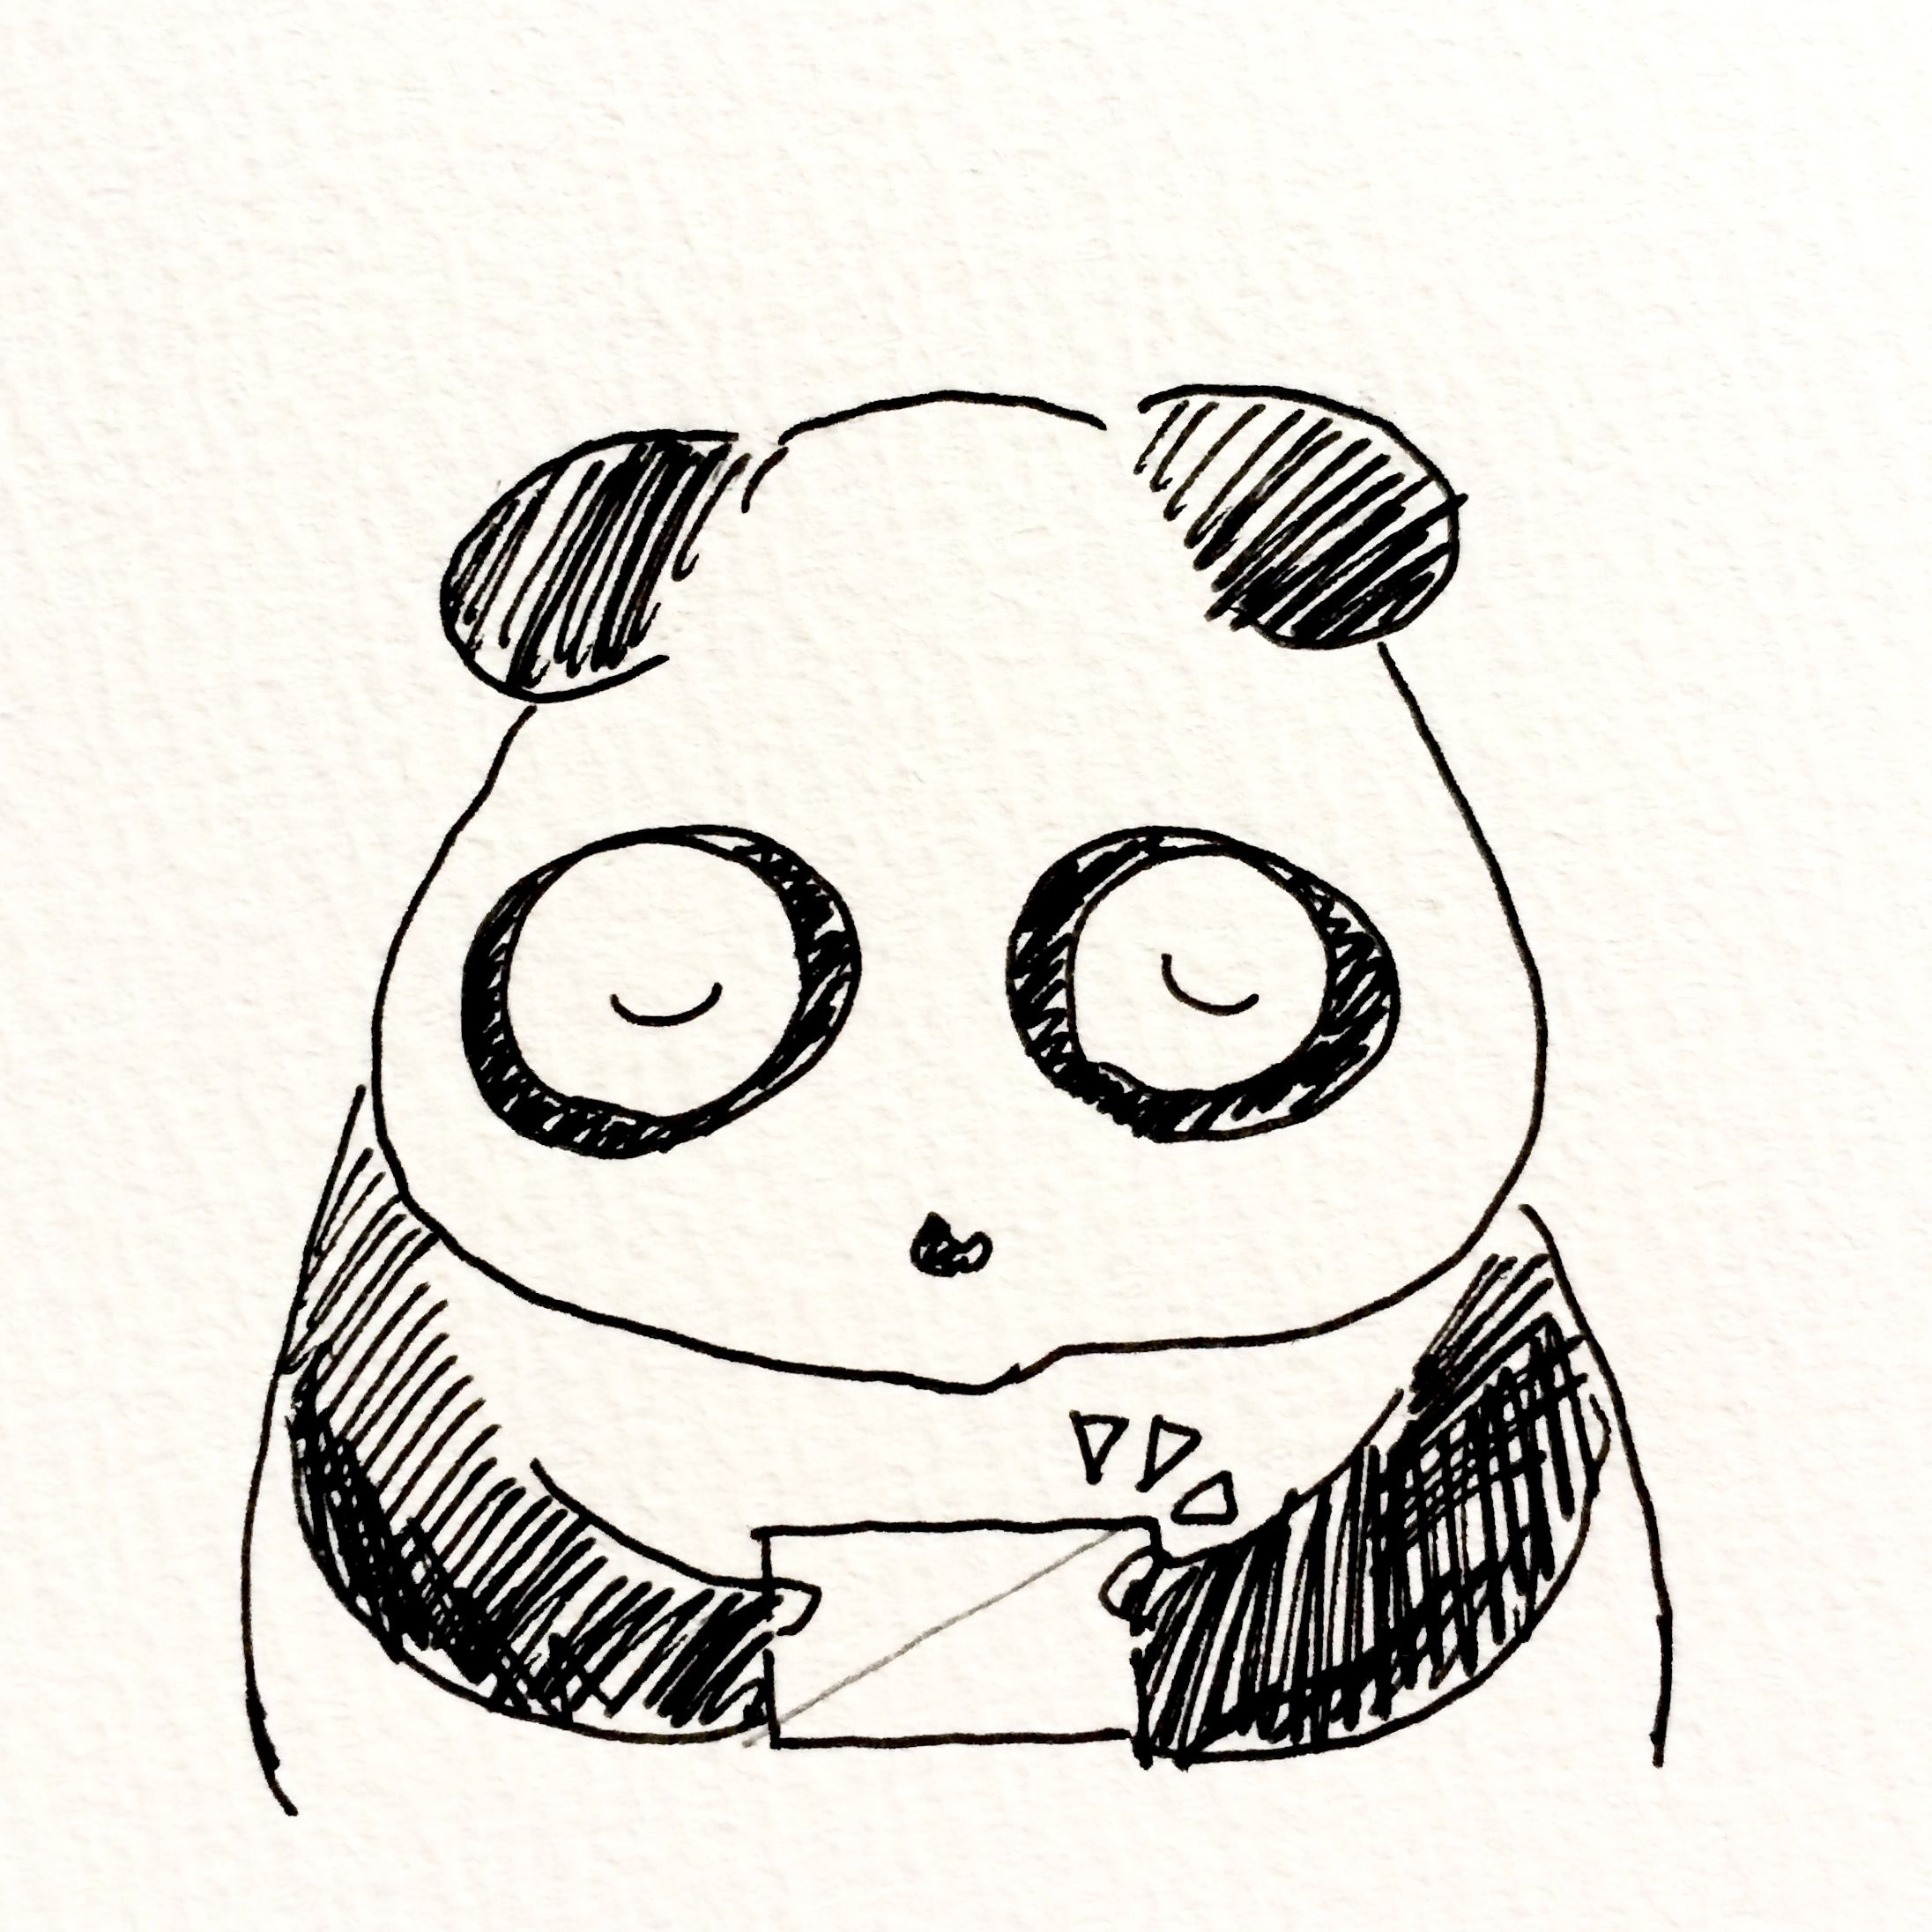 【一日一大熊猫】2017.5.4 メイ(may=5月)とシ(4日)の語呂合わせで名刺の日。 今年に入ってから会う人に名刺を渡す事がない。 何となく会話が出来るとその場で携帯電話をリンクさせたり SNSで繋がったりする。 長期間のSNSの投稿みたら大体わかるから会わないまま発注受ける事も。 名刺は不要とは思わないけど、大体長く付き合える人は名刺から入っていない気がする。 #パンダ #名刺